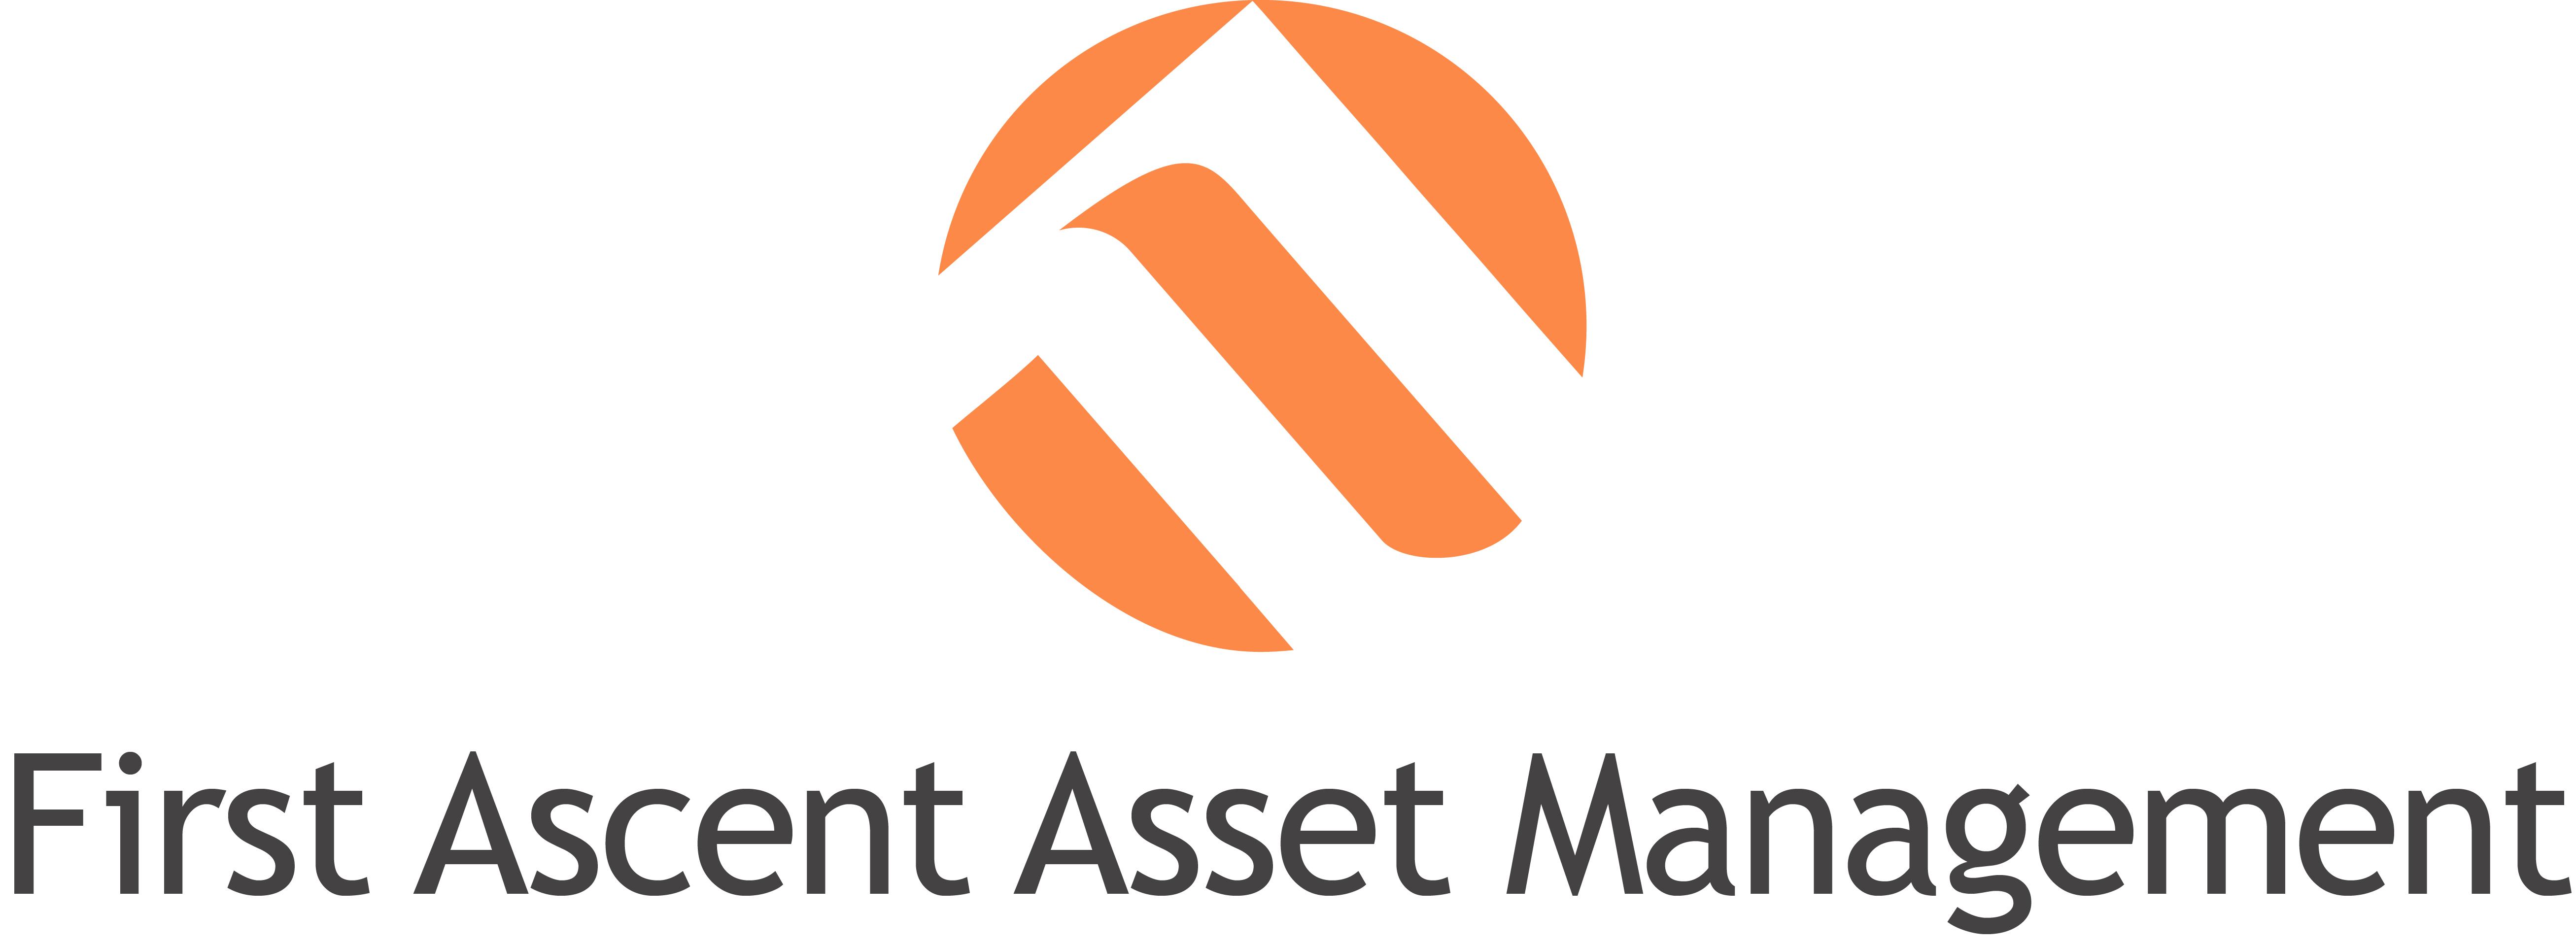 First Ascent Asset Management